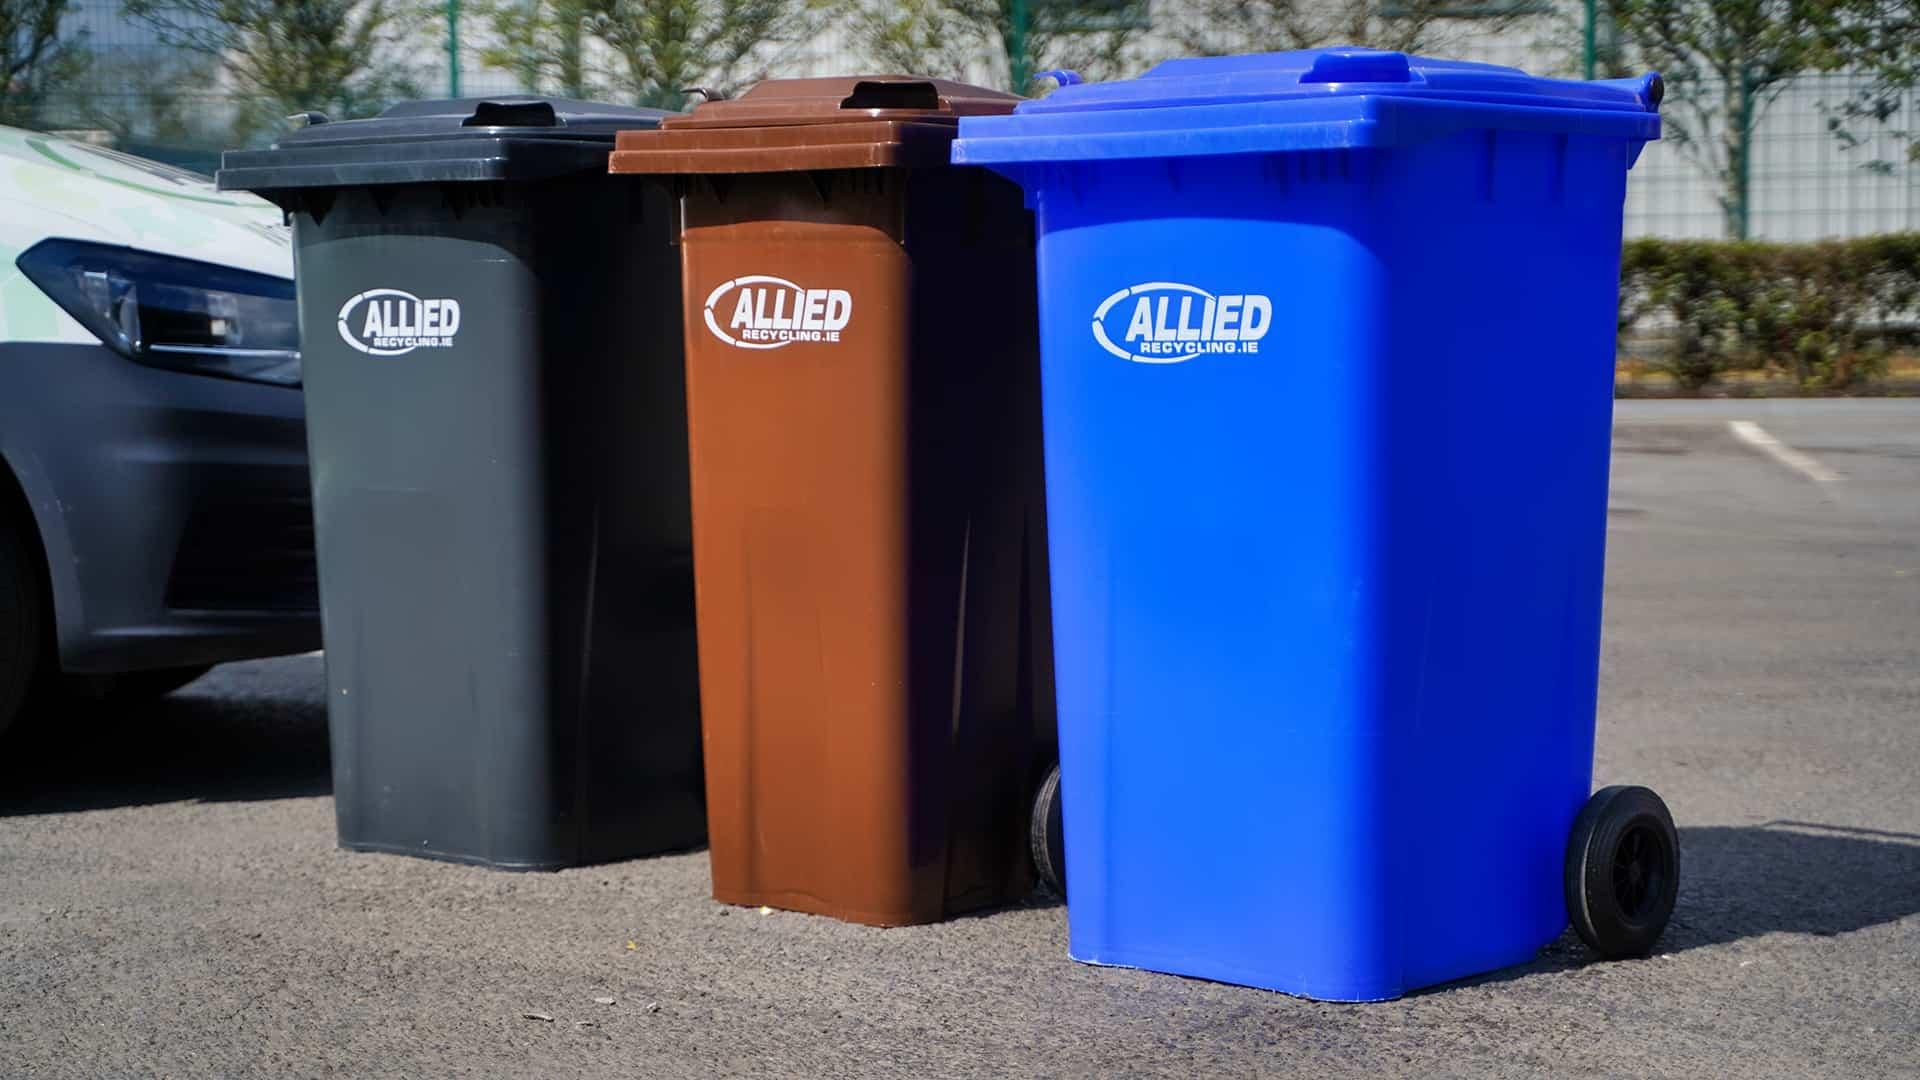 allied bins